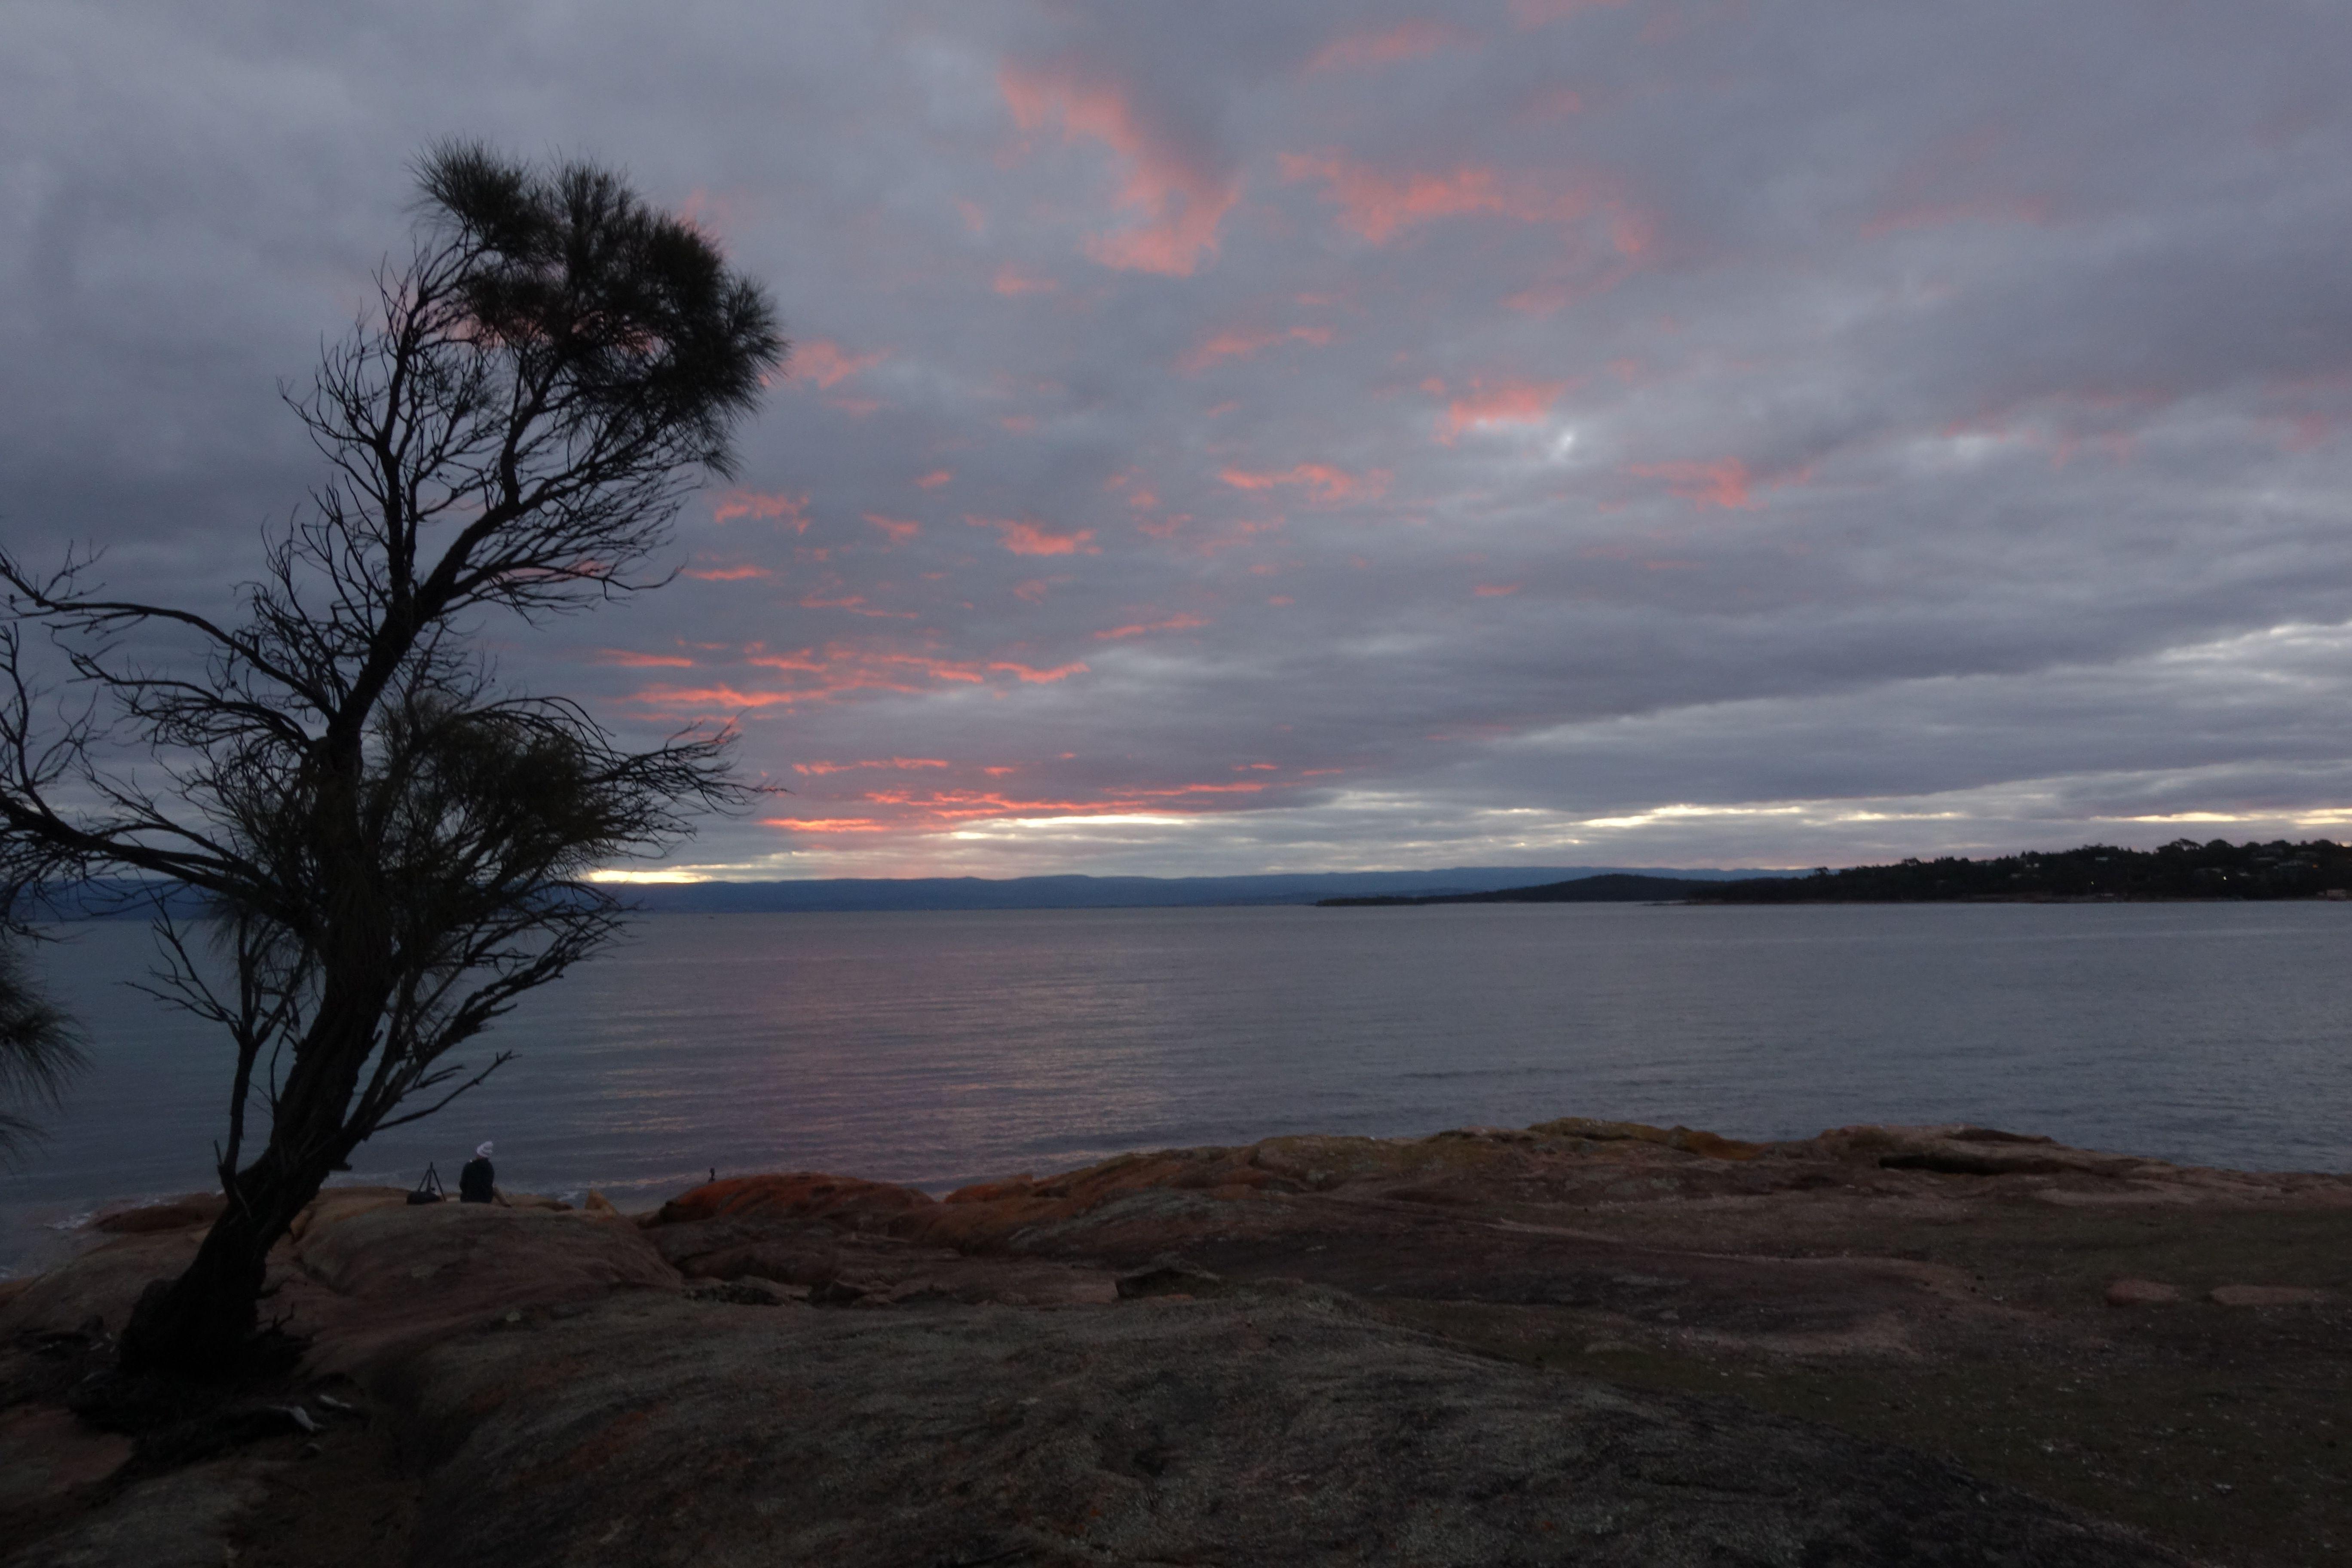 Australie-Tasmanie: Couche de soleil.